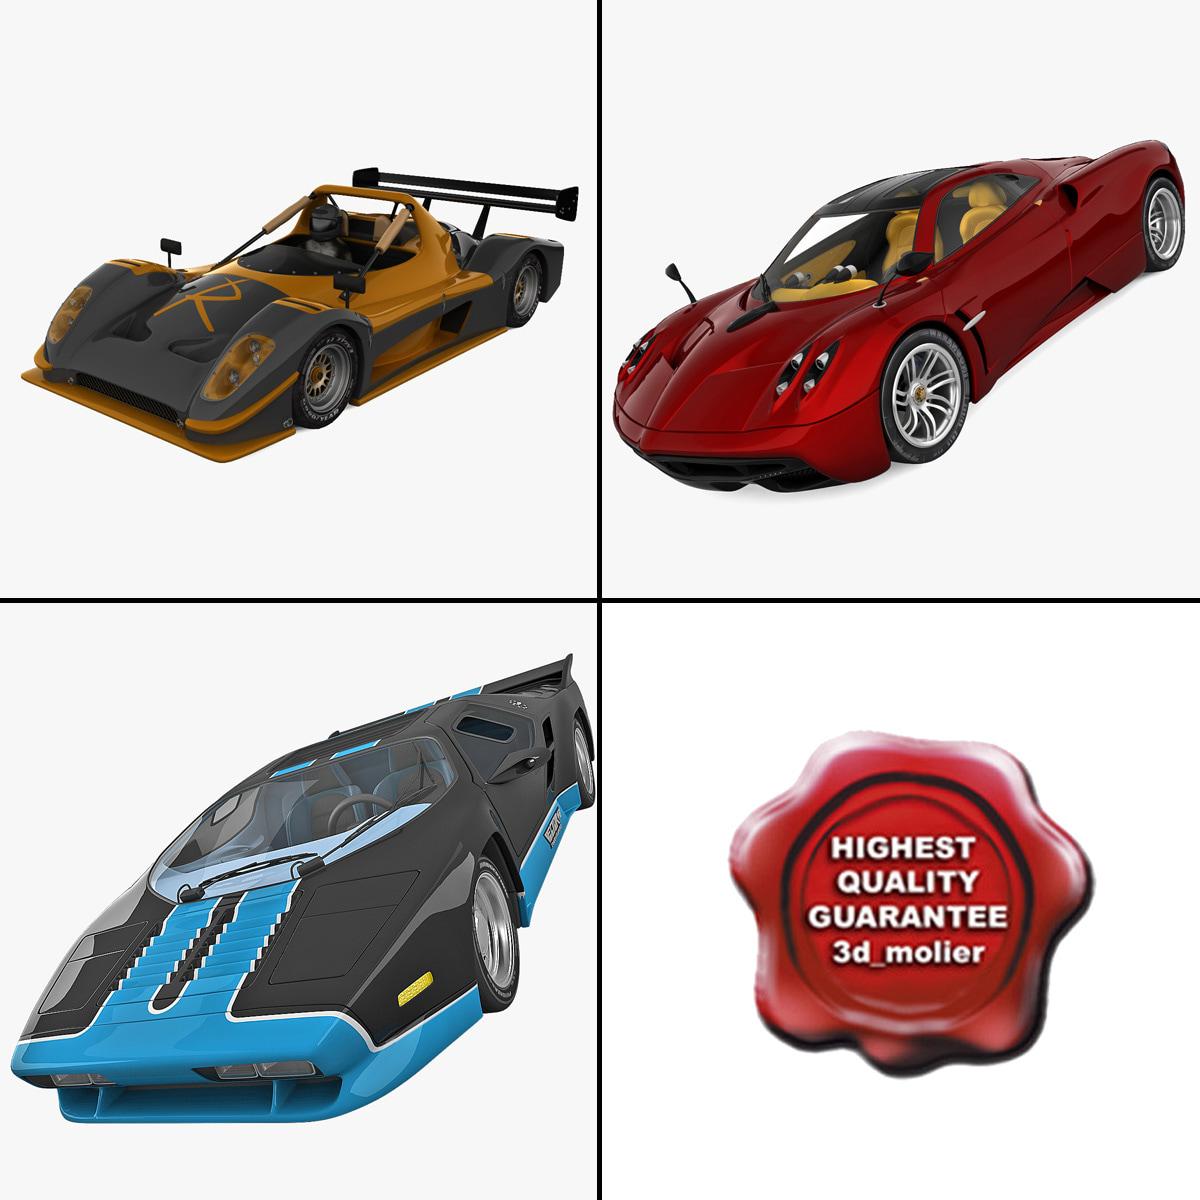 supercar collection 2 copy.jpg